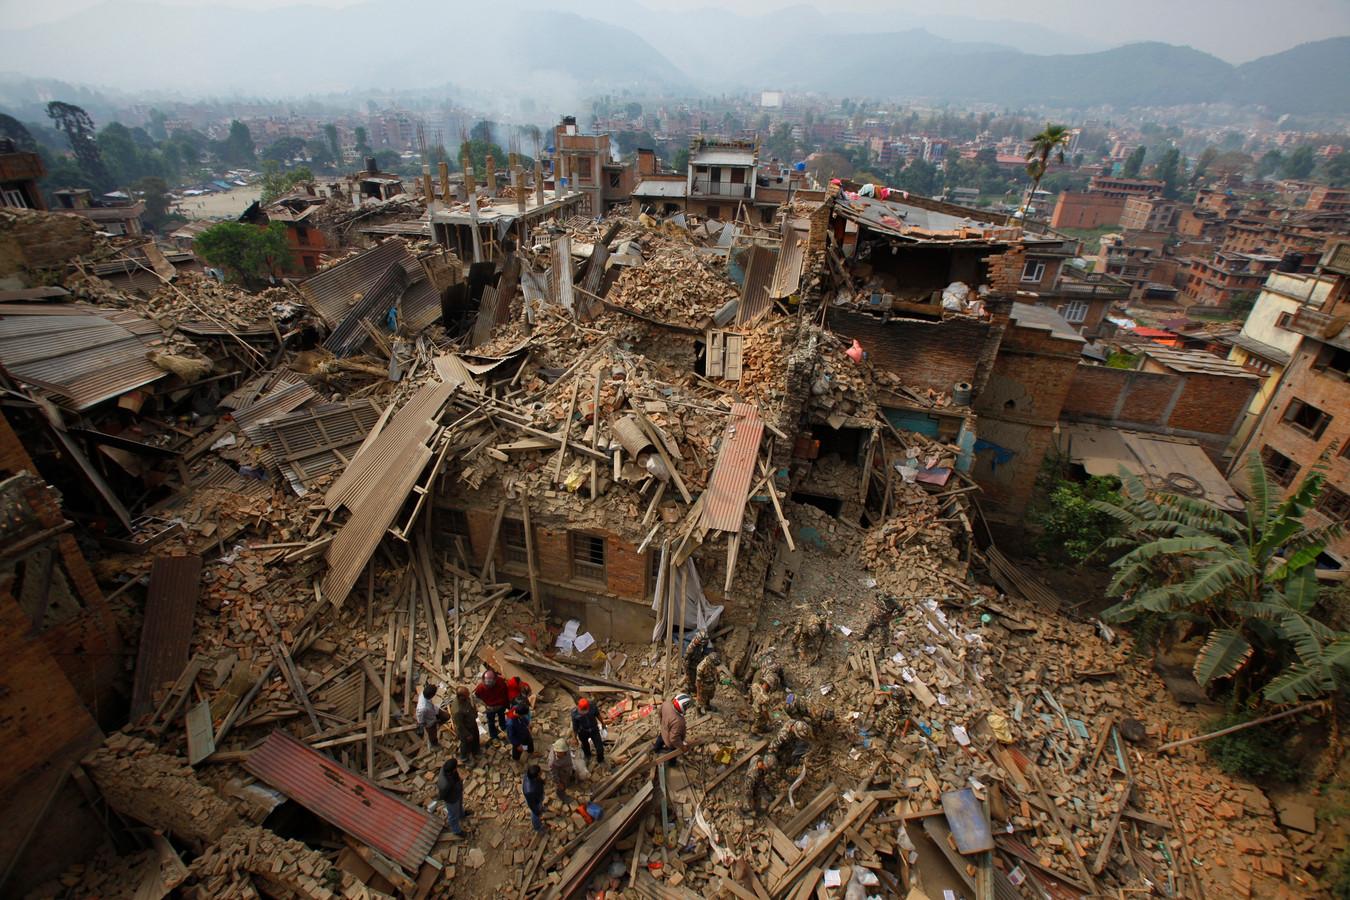 De stad Bhaktapur na de aardbeving van april dit jaar.